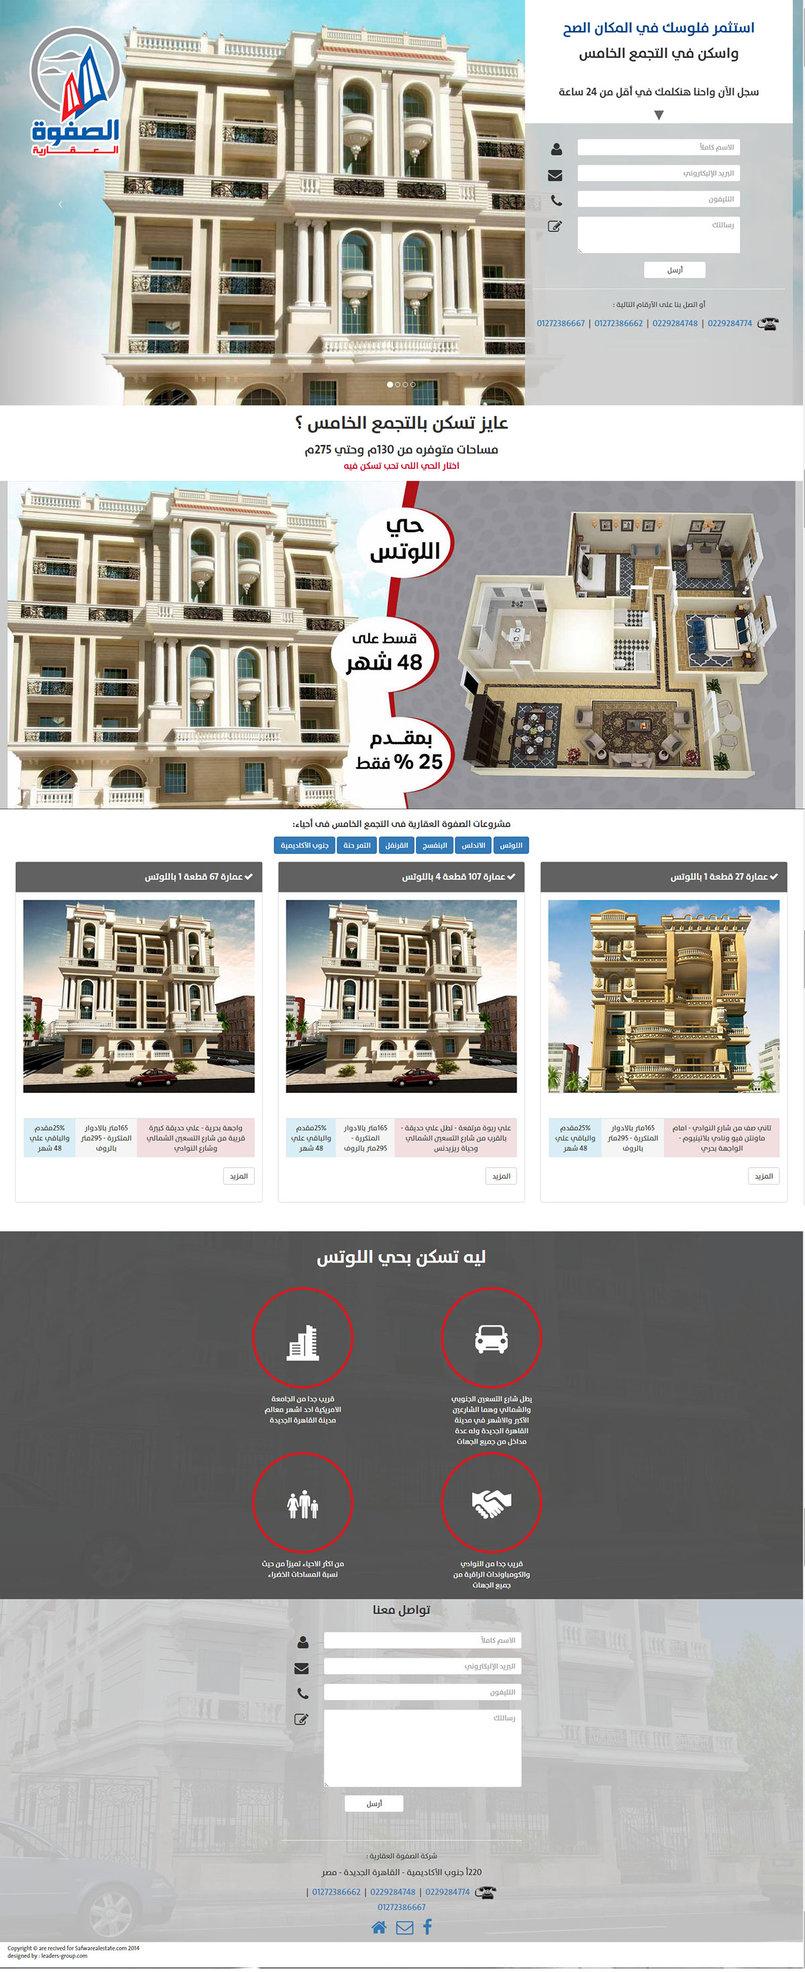 صورة للتصميم الكامل للصفحة